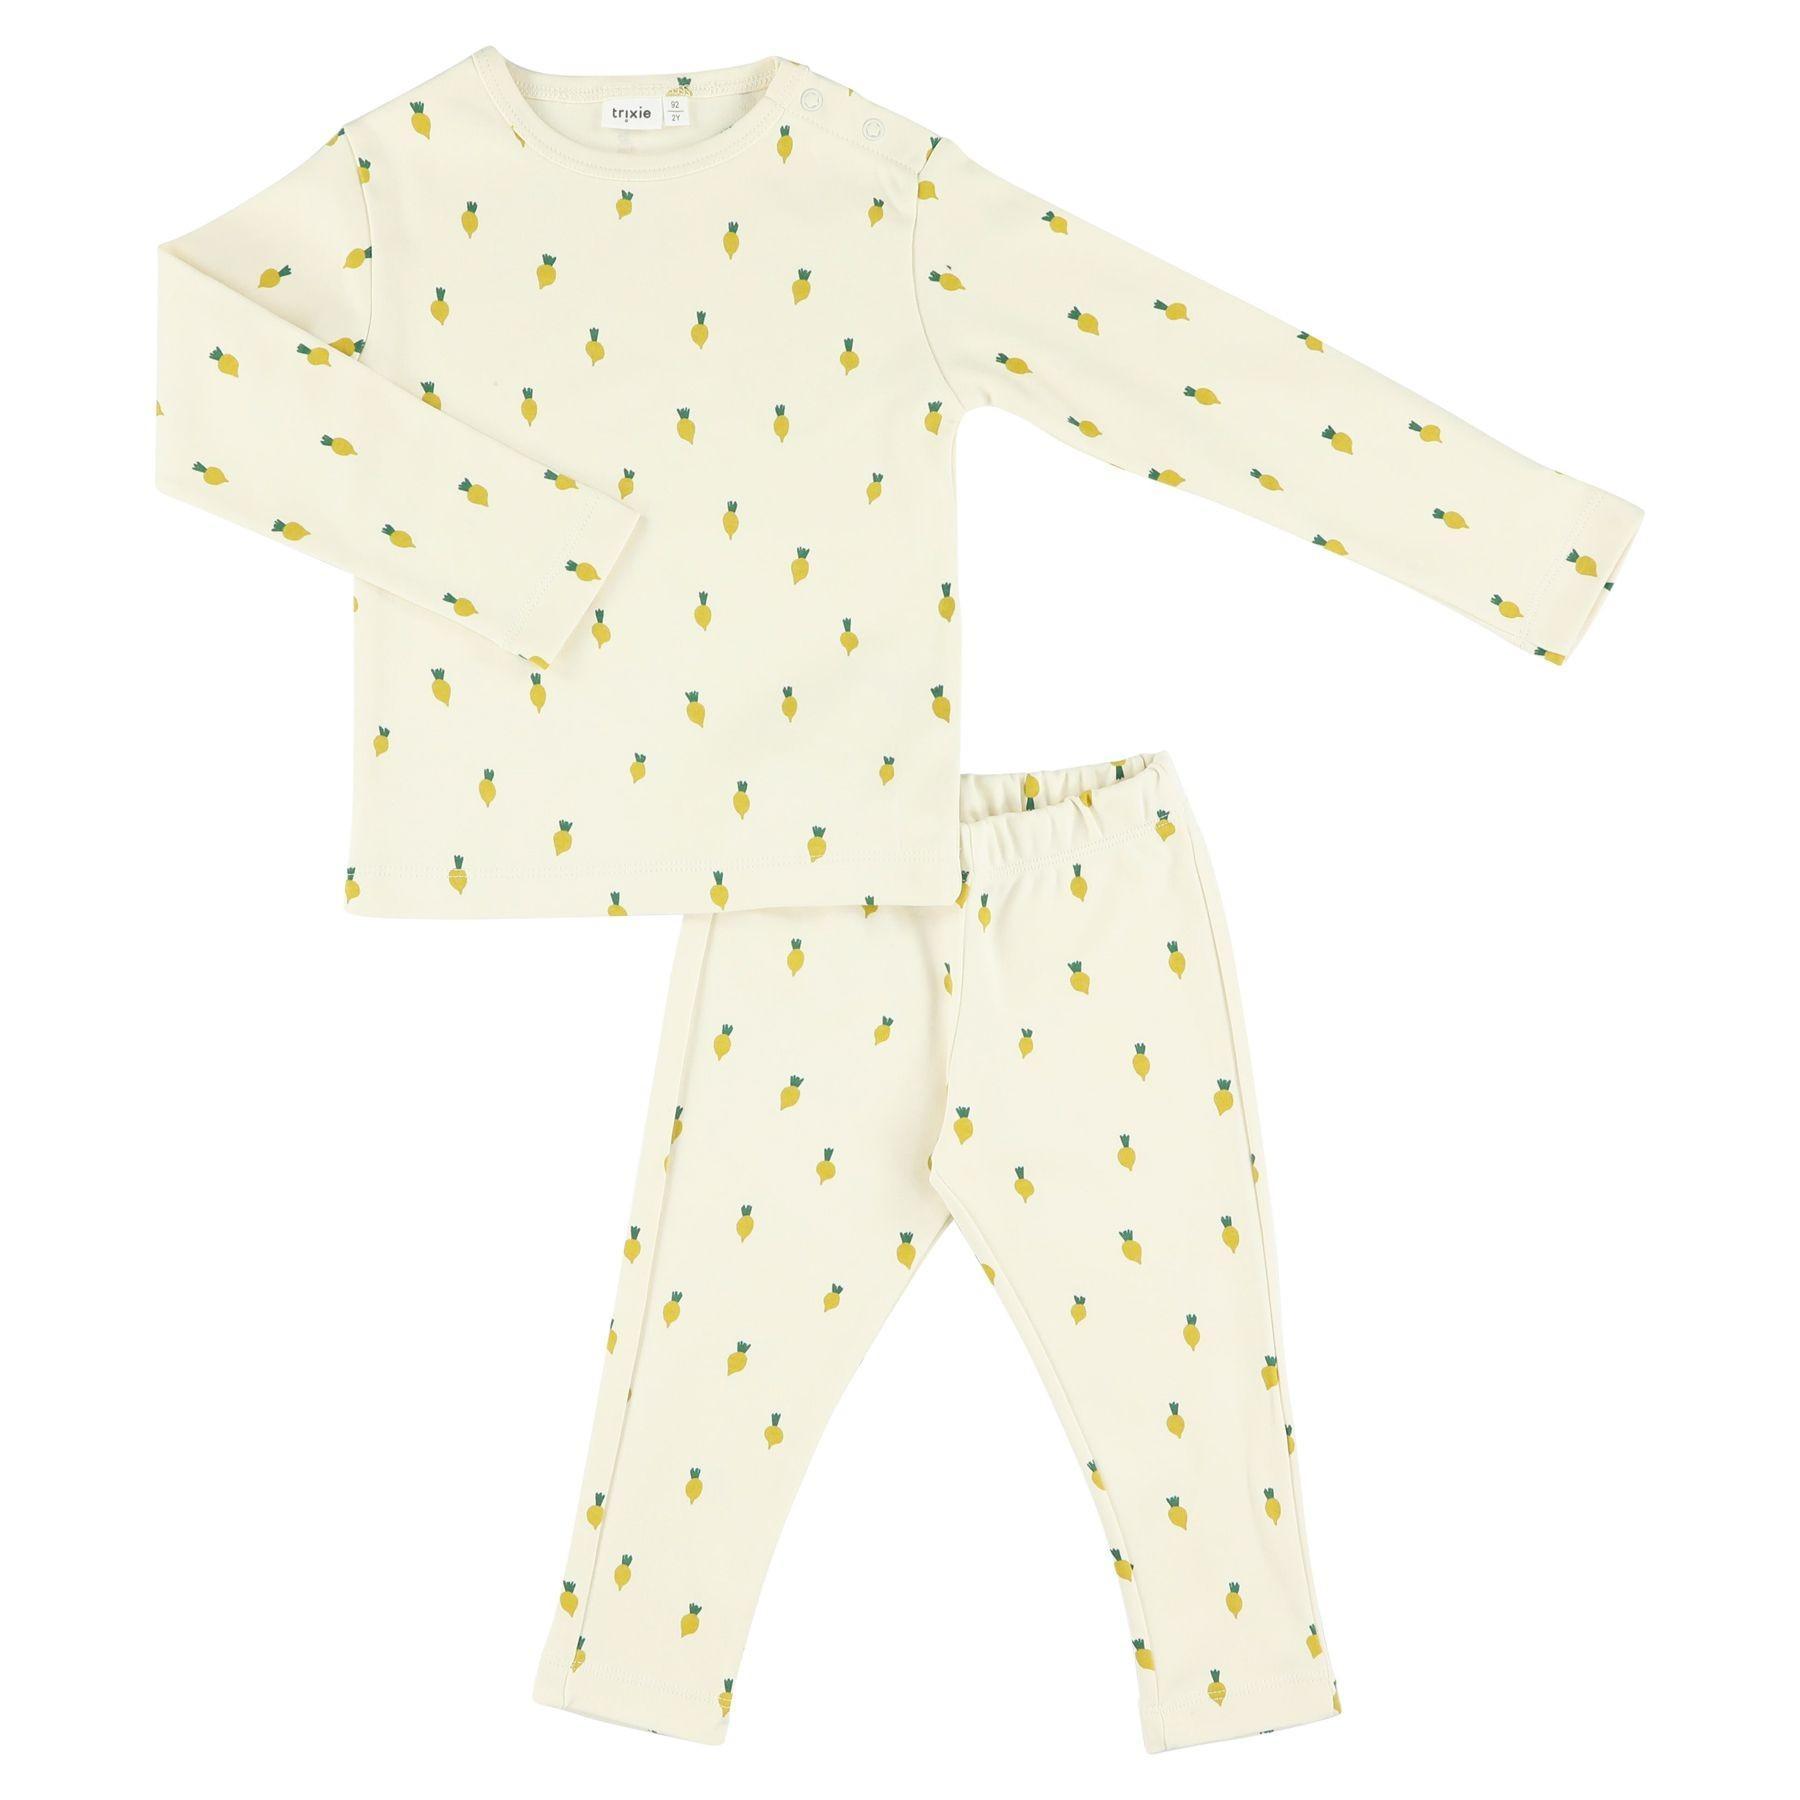 Trixie - 2-delige pyjama Tiny Turnip - 4Y